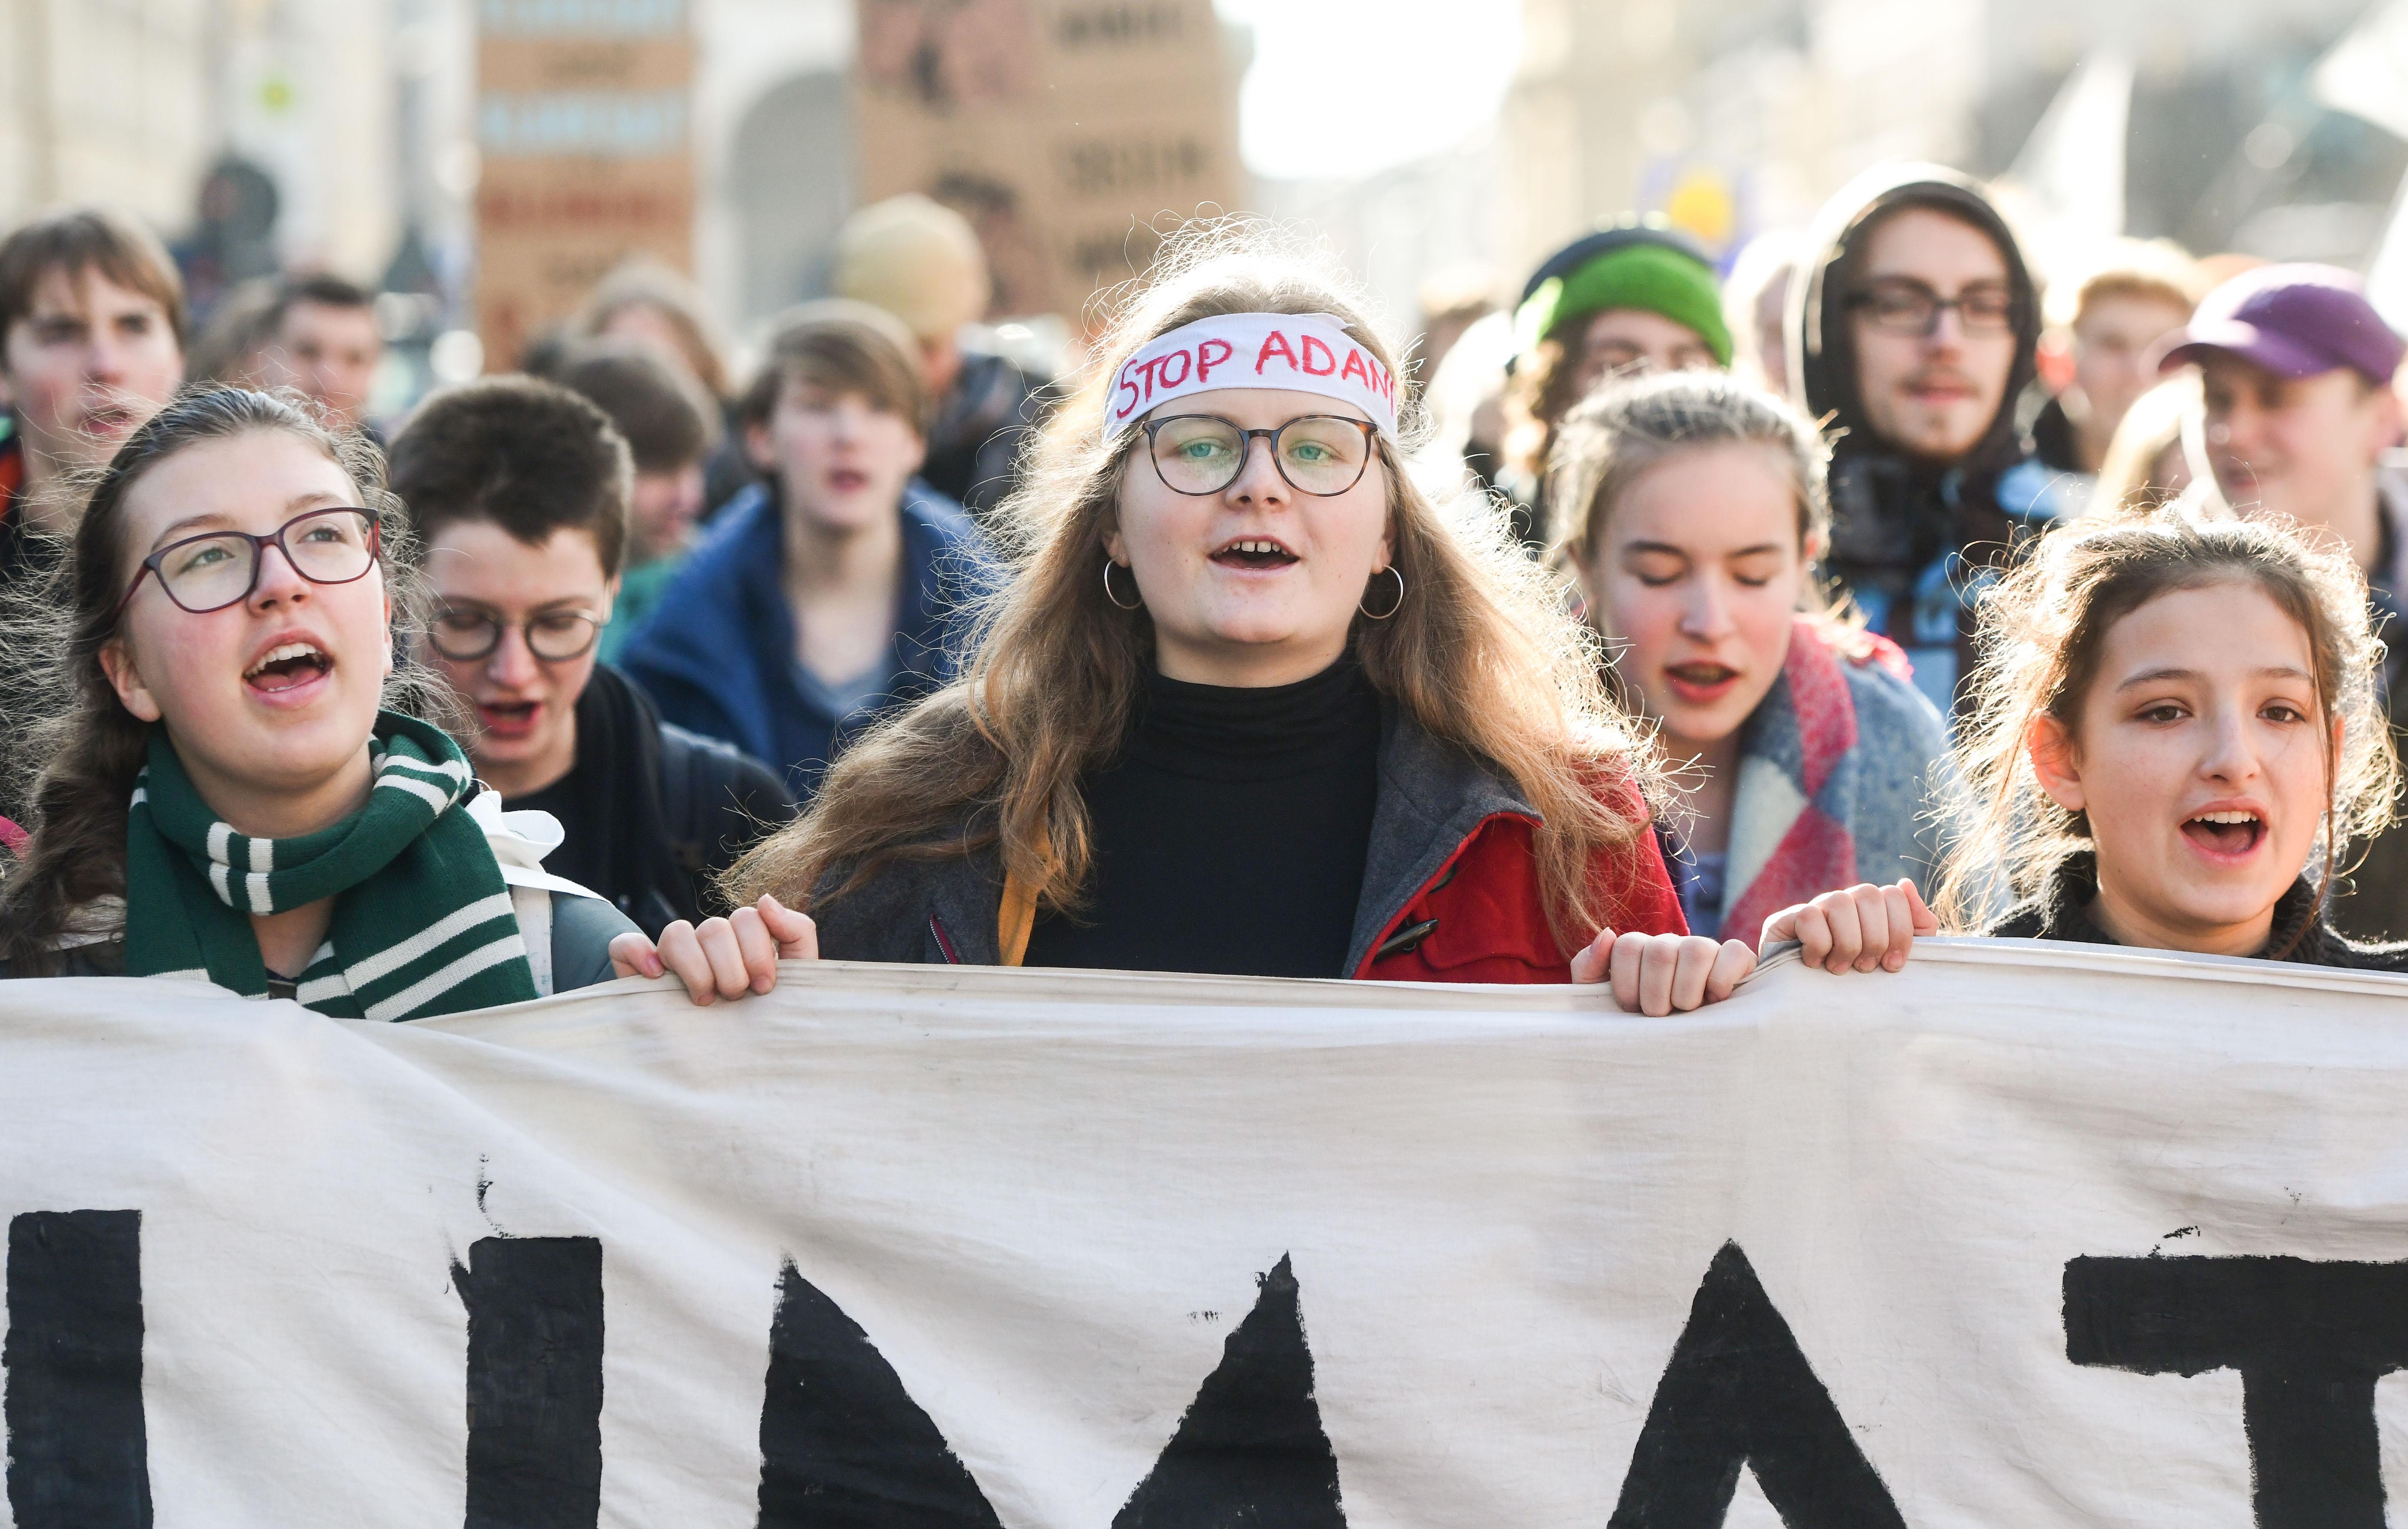 Hiába a tiltakozás, a Siemens segít megnyitni a világ egyik legnagyobb szénbányáját Ausztráliában